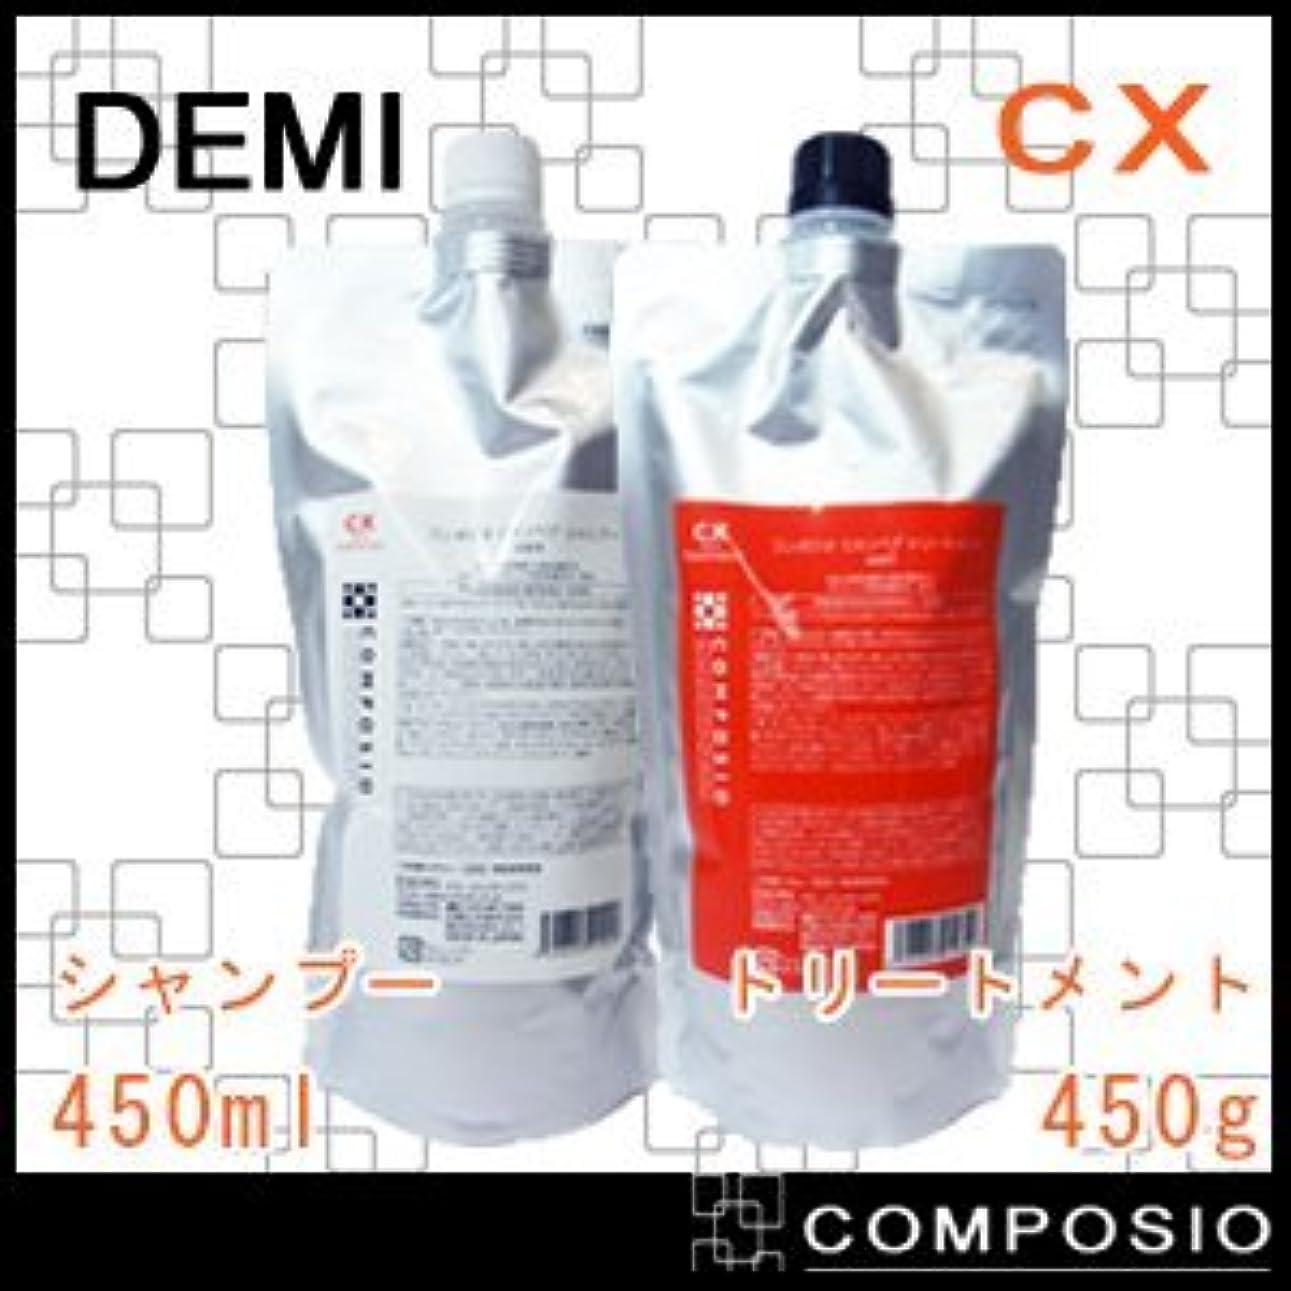 貧しいマットレスカウンターパートデミ コンポジオ CXリペアシャンプー&トリートメント 詰め替え セット 450ml,450g